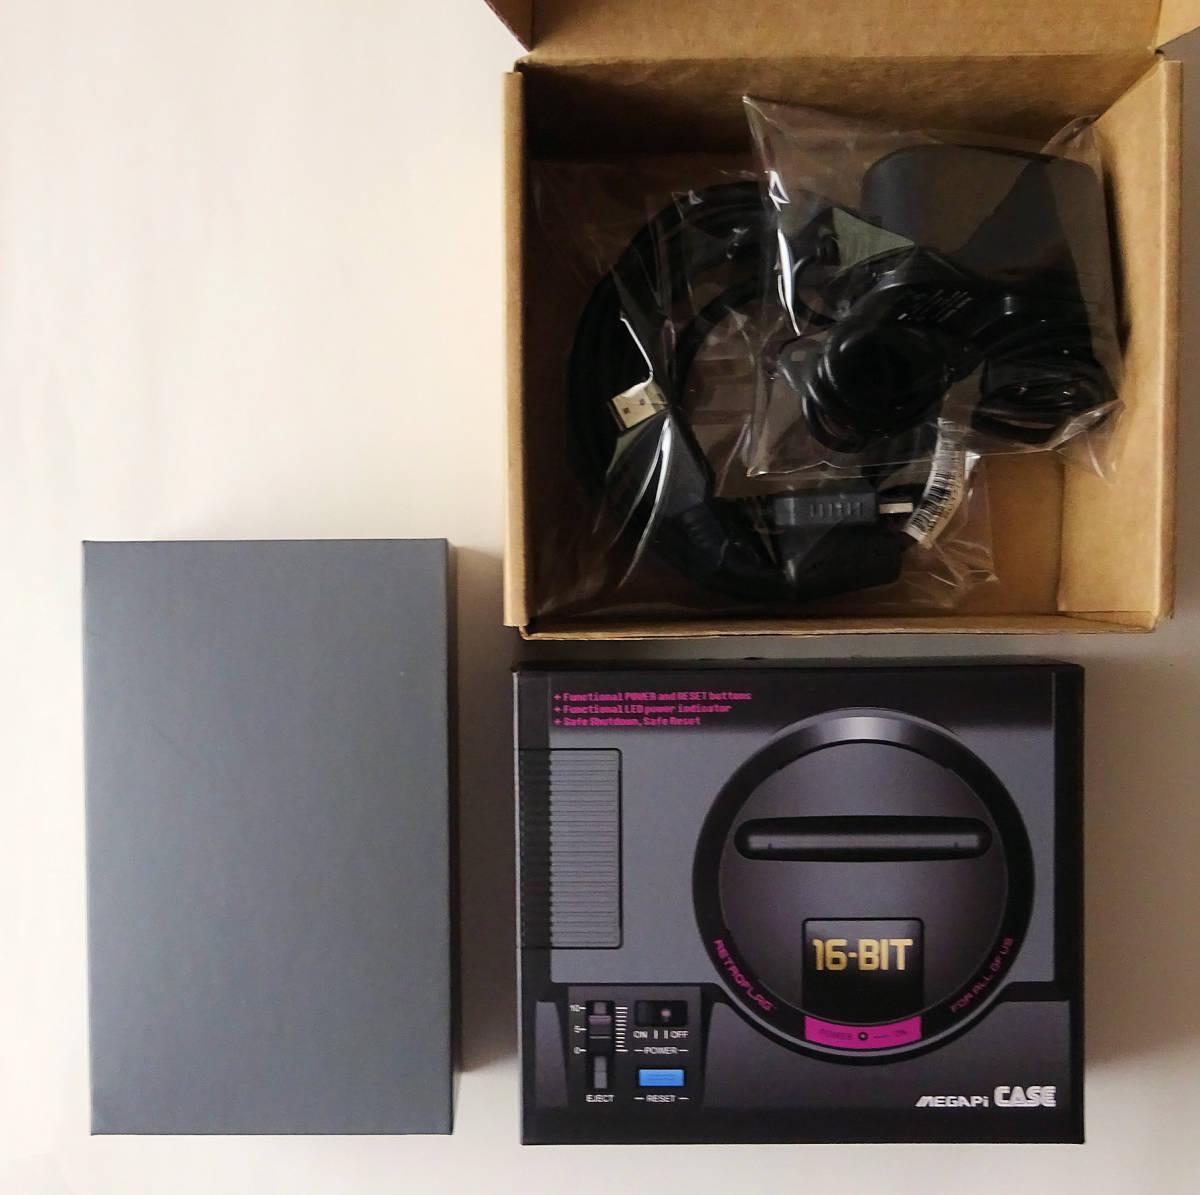 [新品] SEGA RETROPIE メガドライブミニ エミュレータ 本体 + コントローラ + ACアダプター + ビデオケーブル _画像2